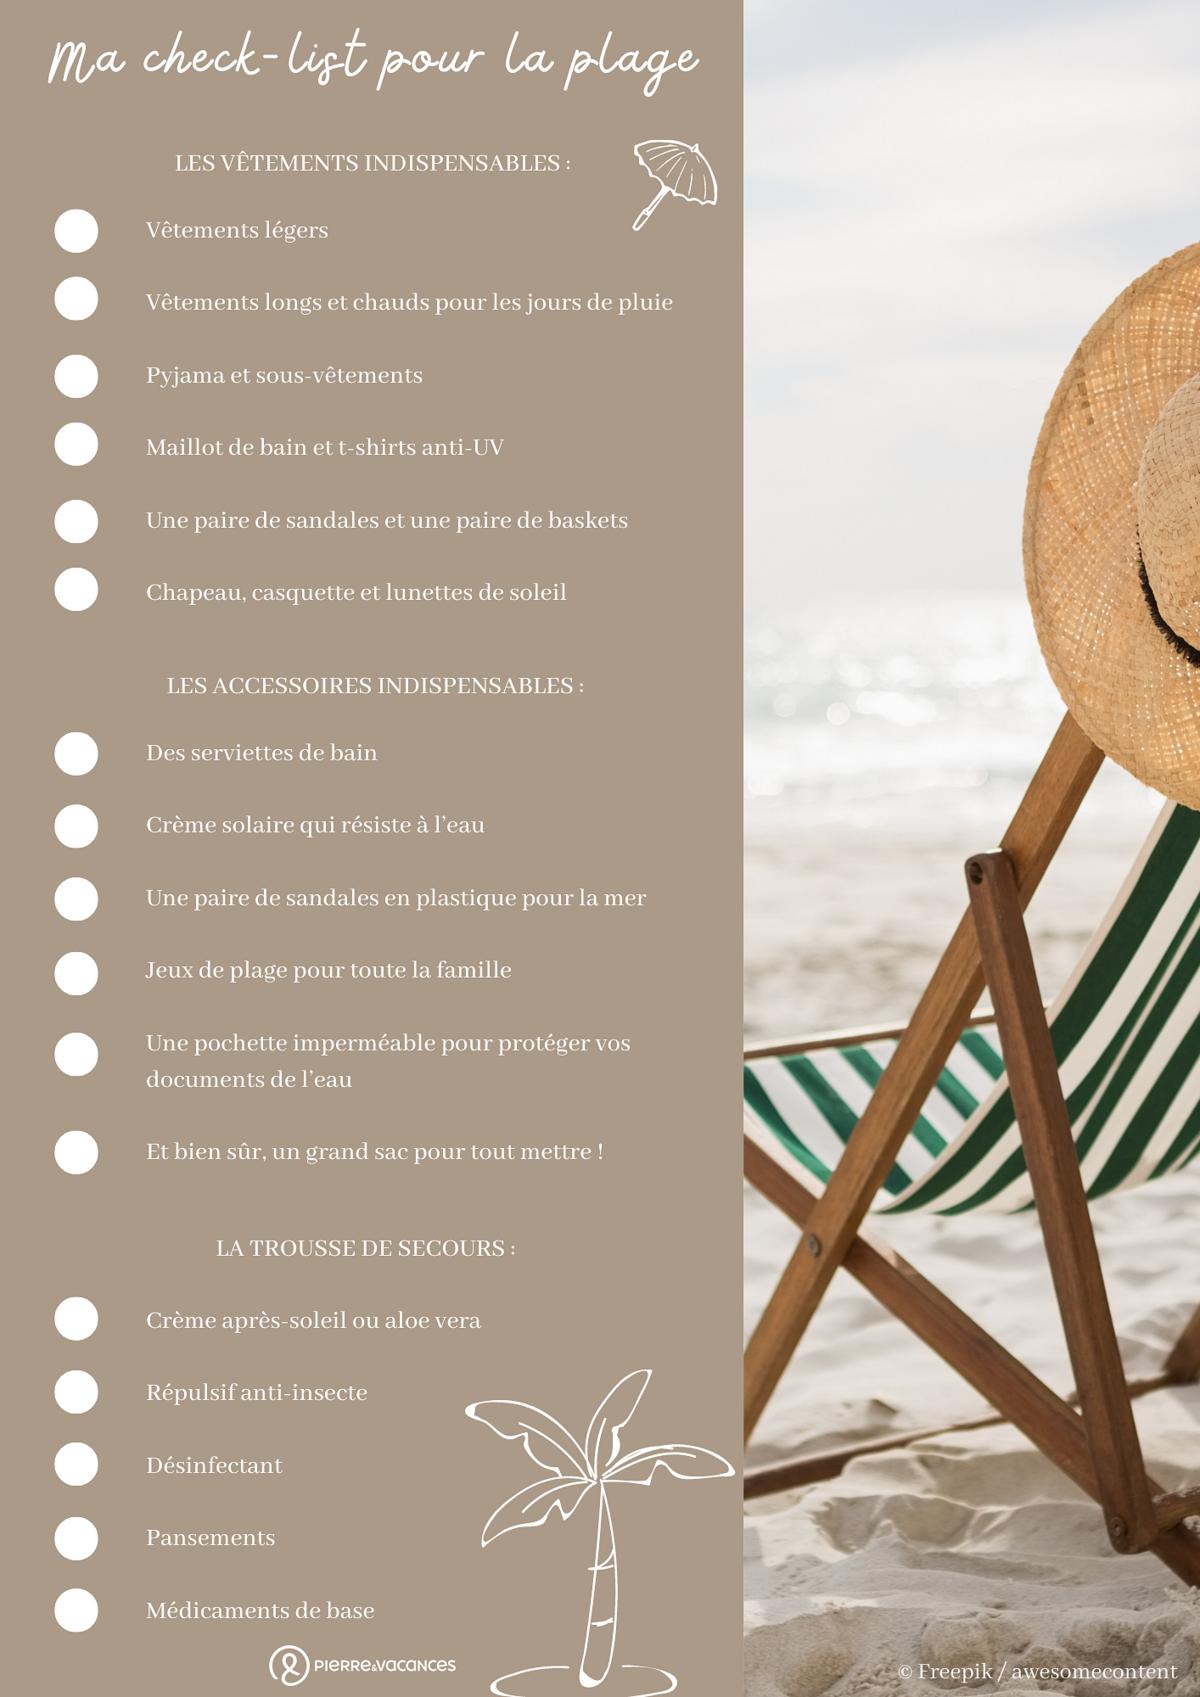 Check-list pour la plage